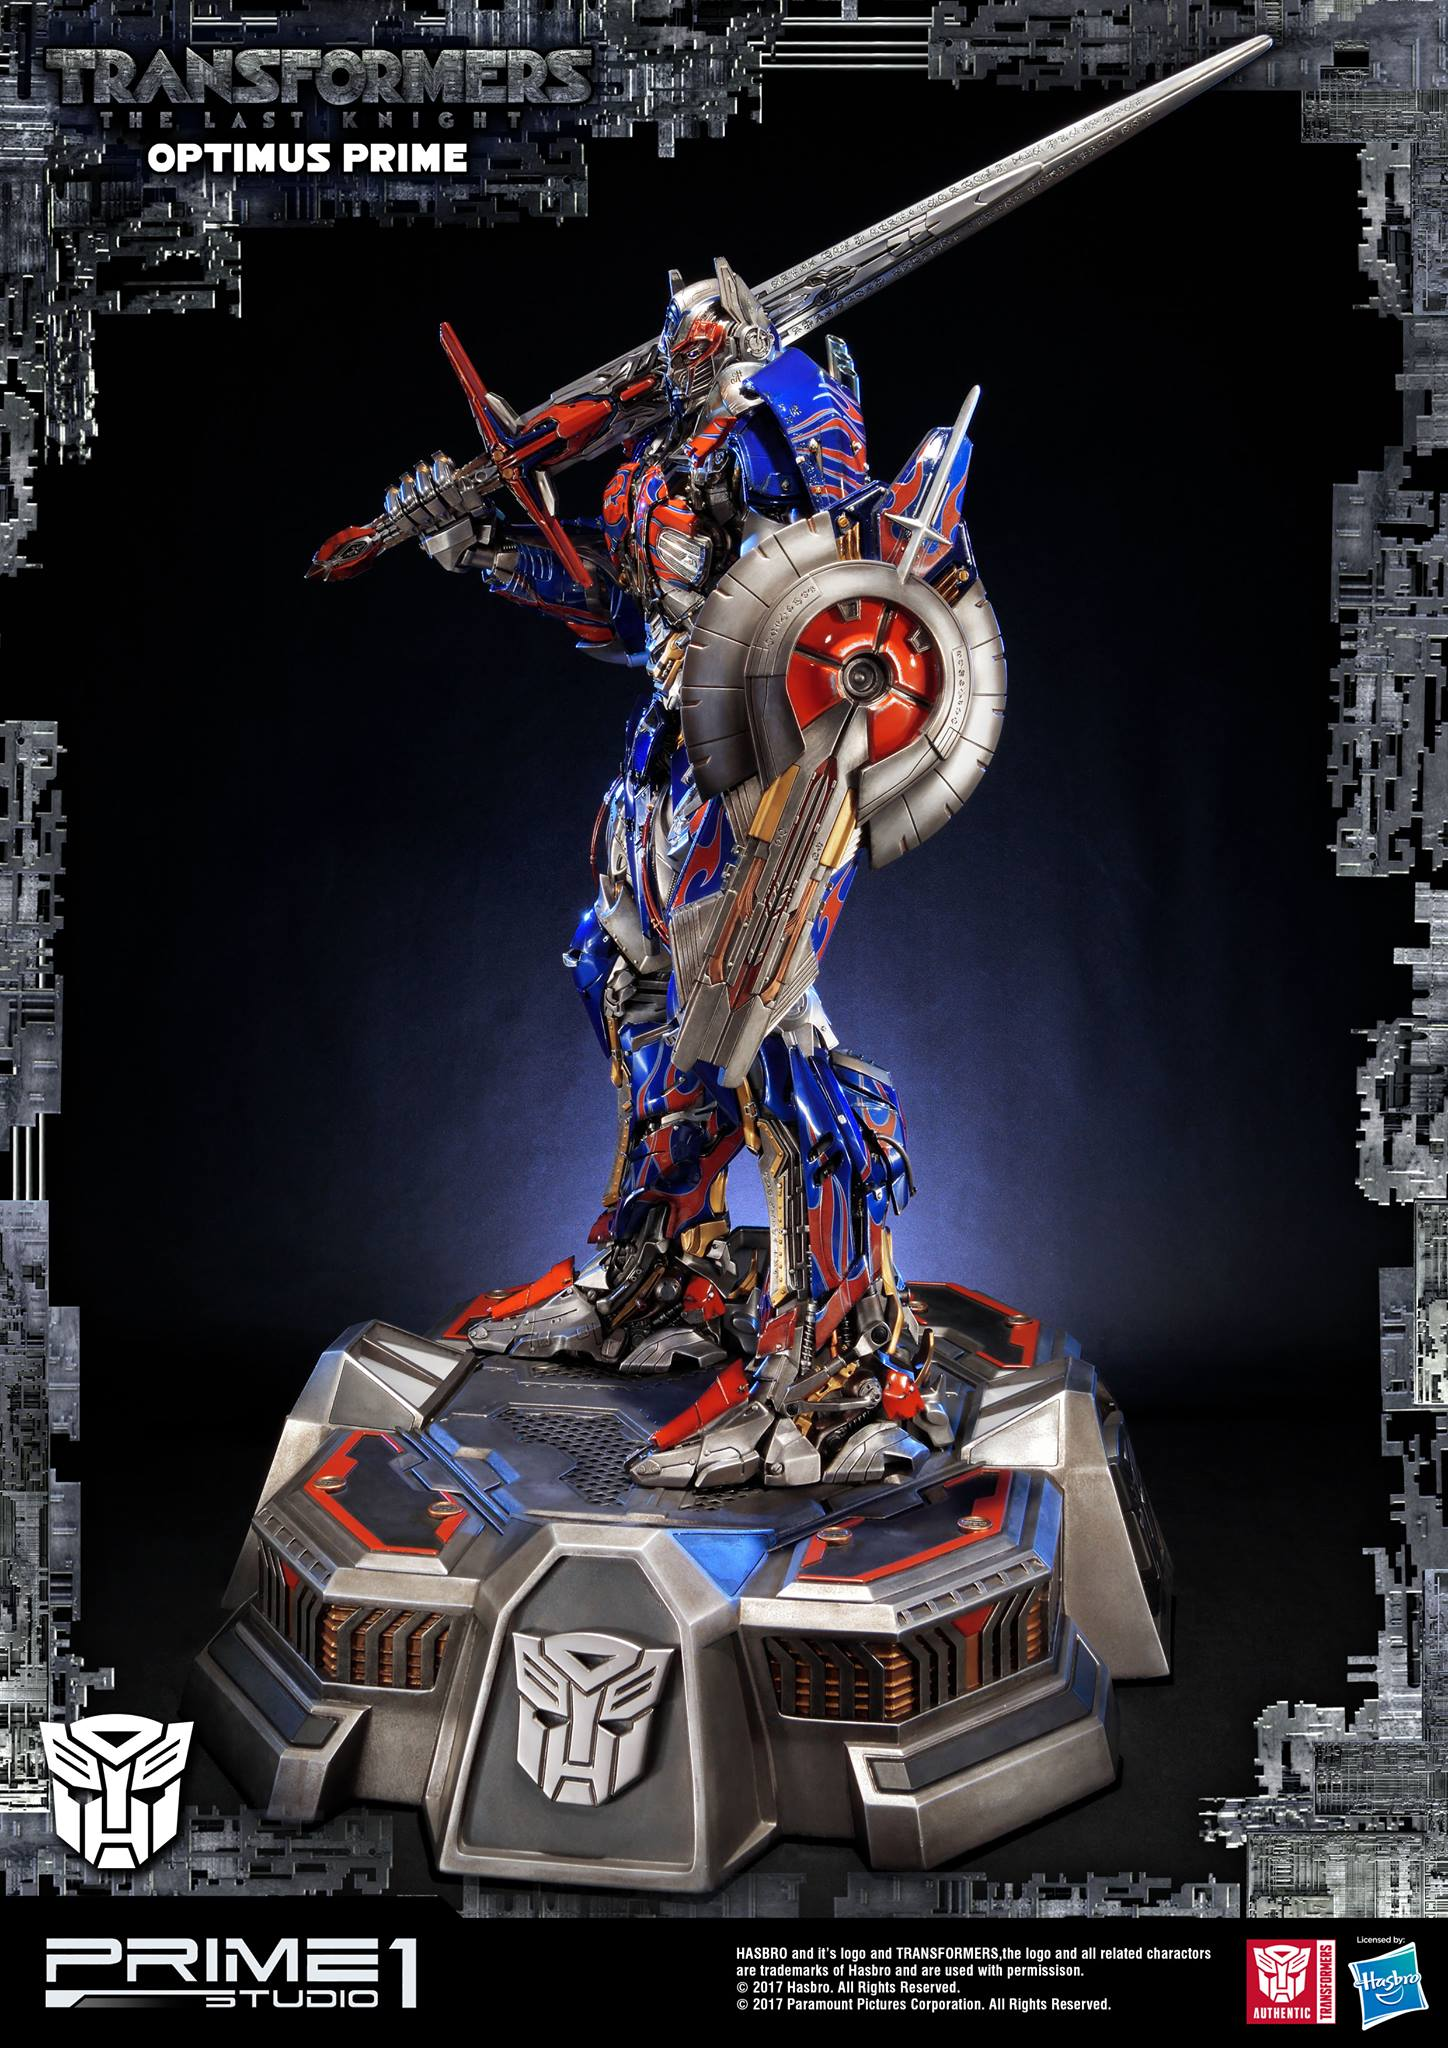 Optimus Prime Transformers Gene | Statue | Prime 1 Studio